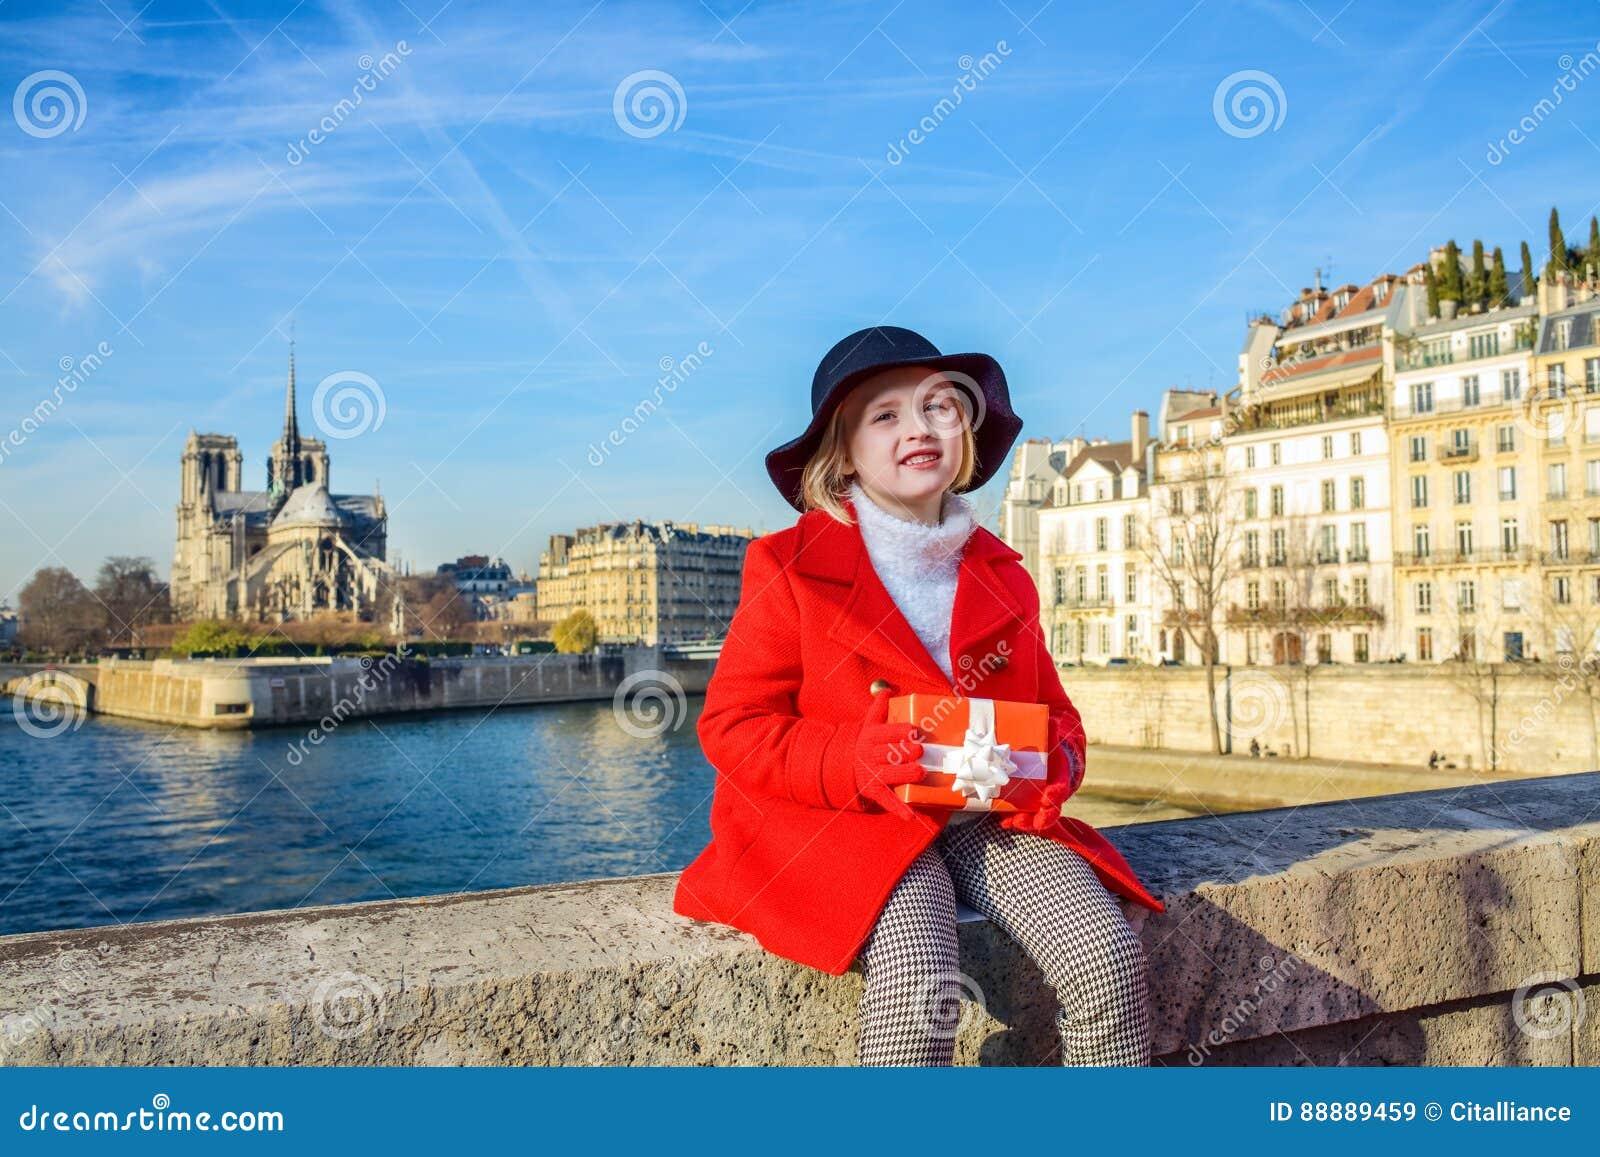 堤防的女孩在有圣诞节礼物的巴黎圣母院附近